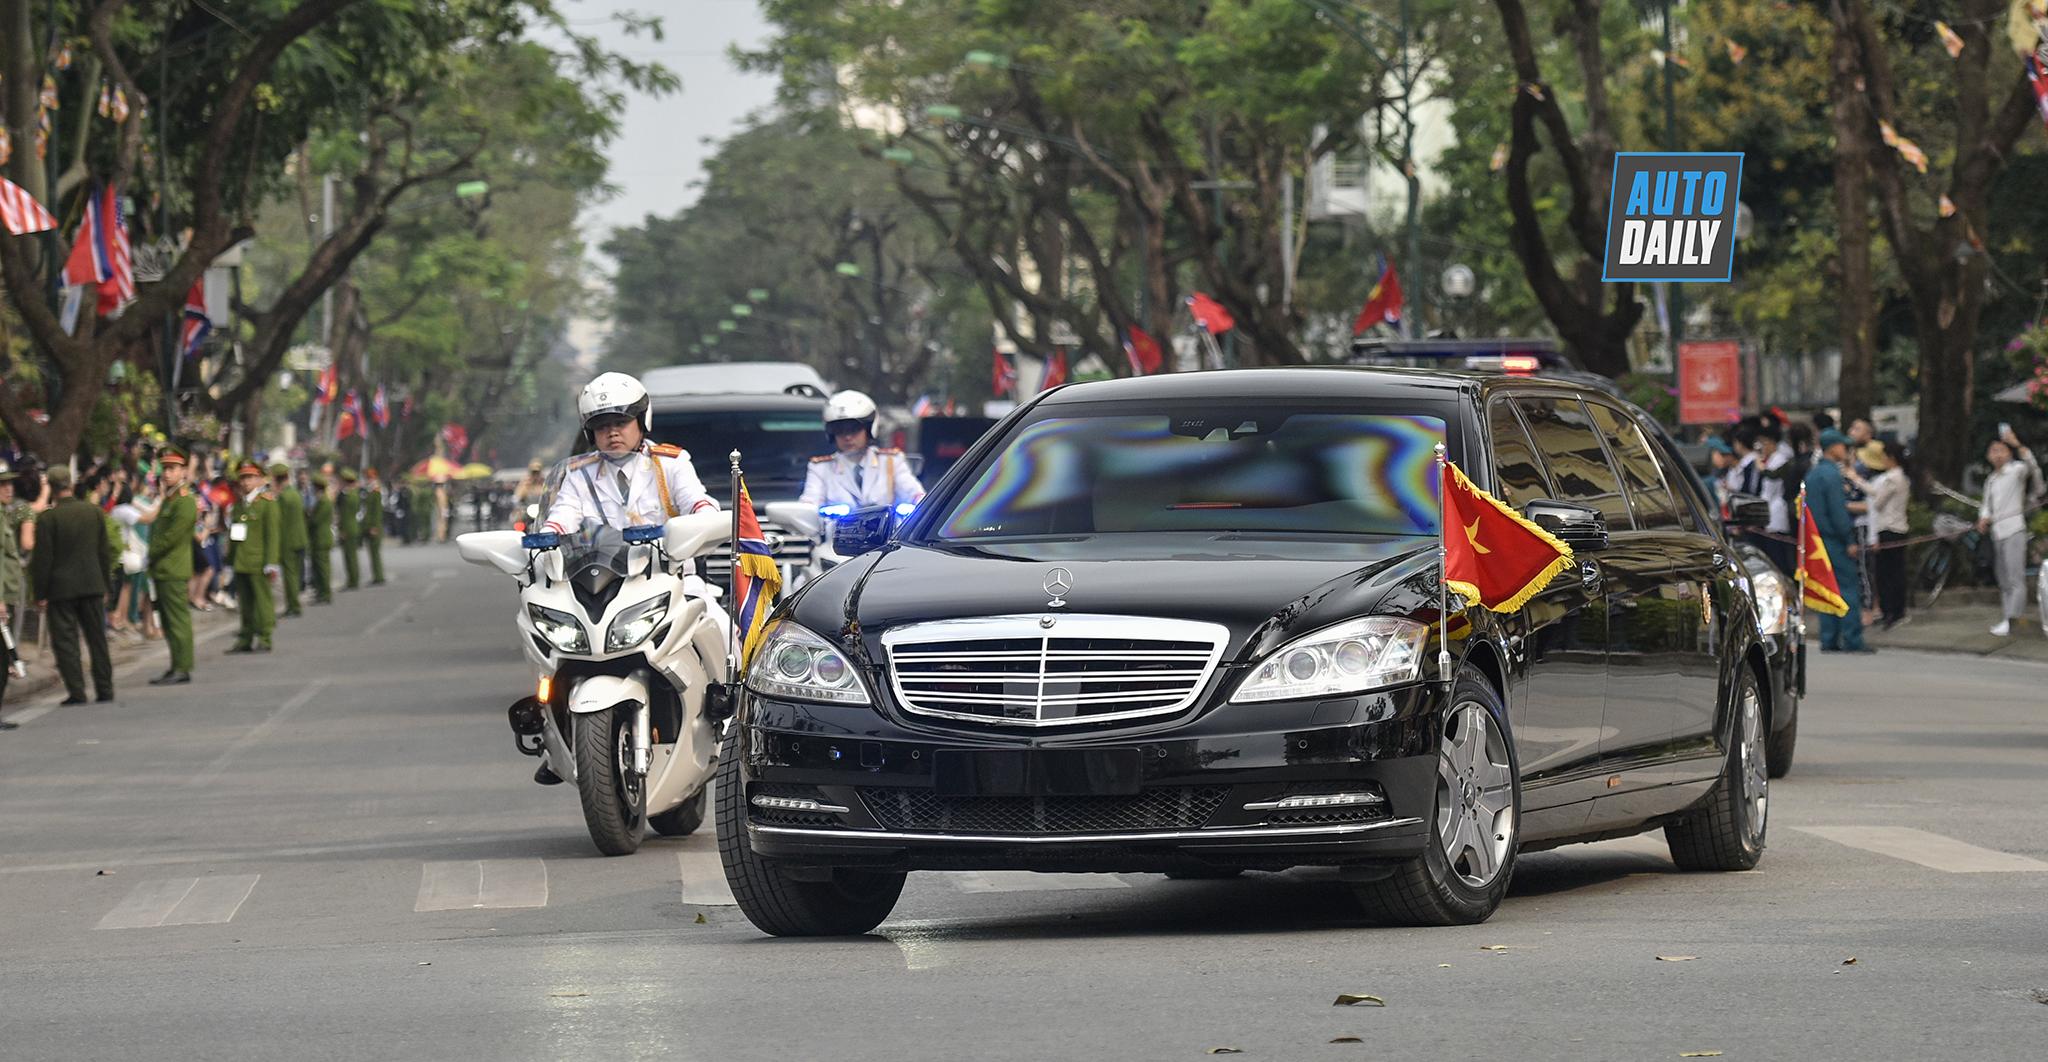 Mercedes S600 Pullman Guard và Maybach 62S của Kim Jong-un trên phố HN